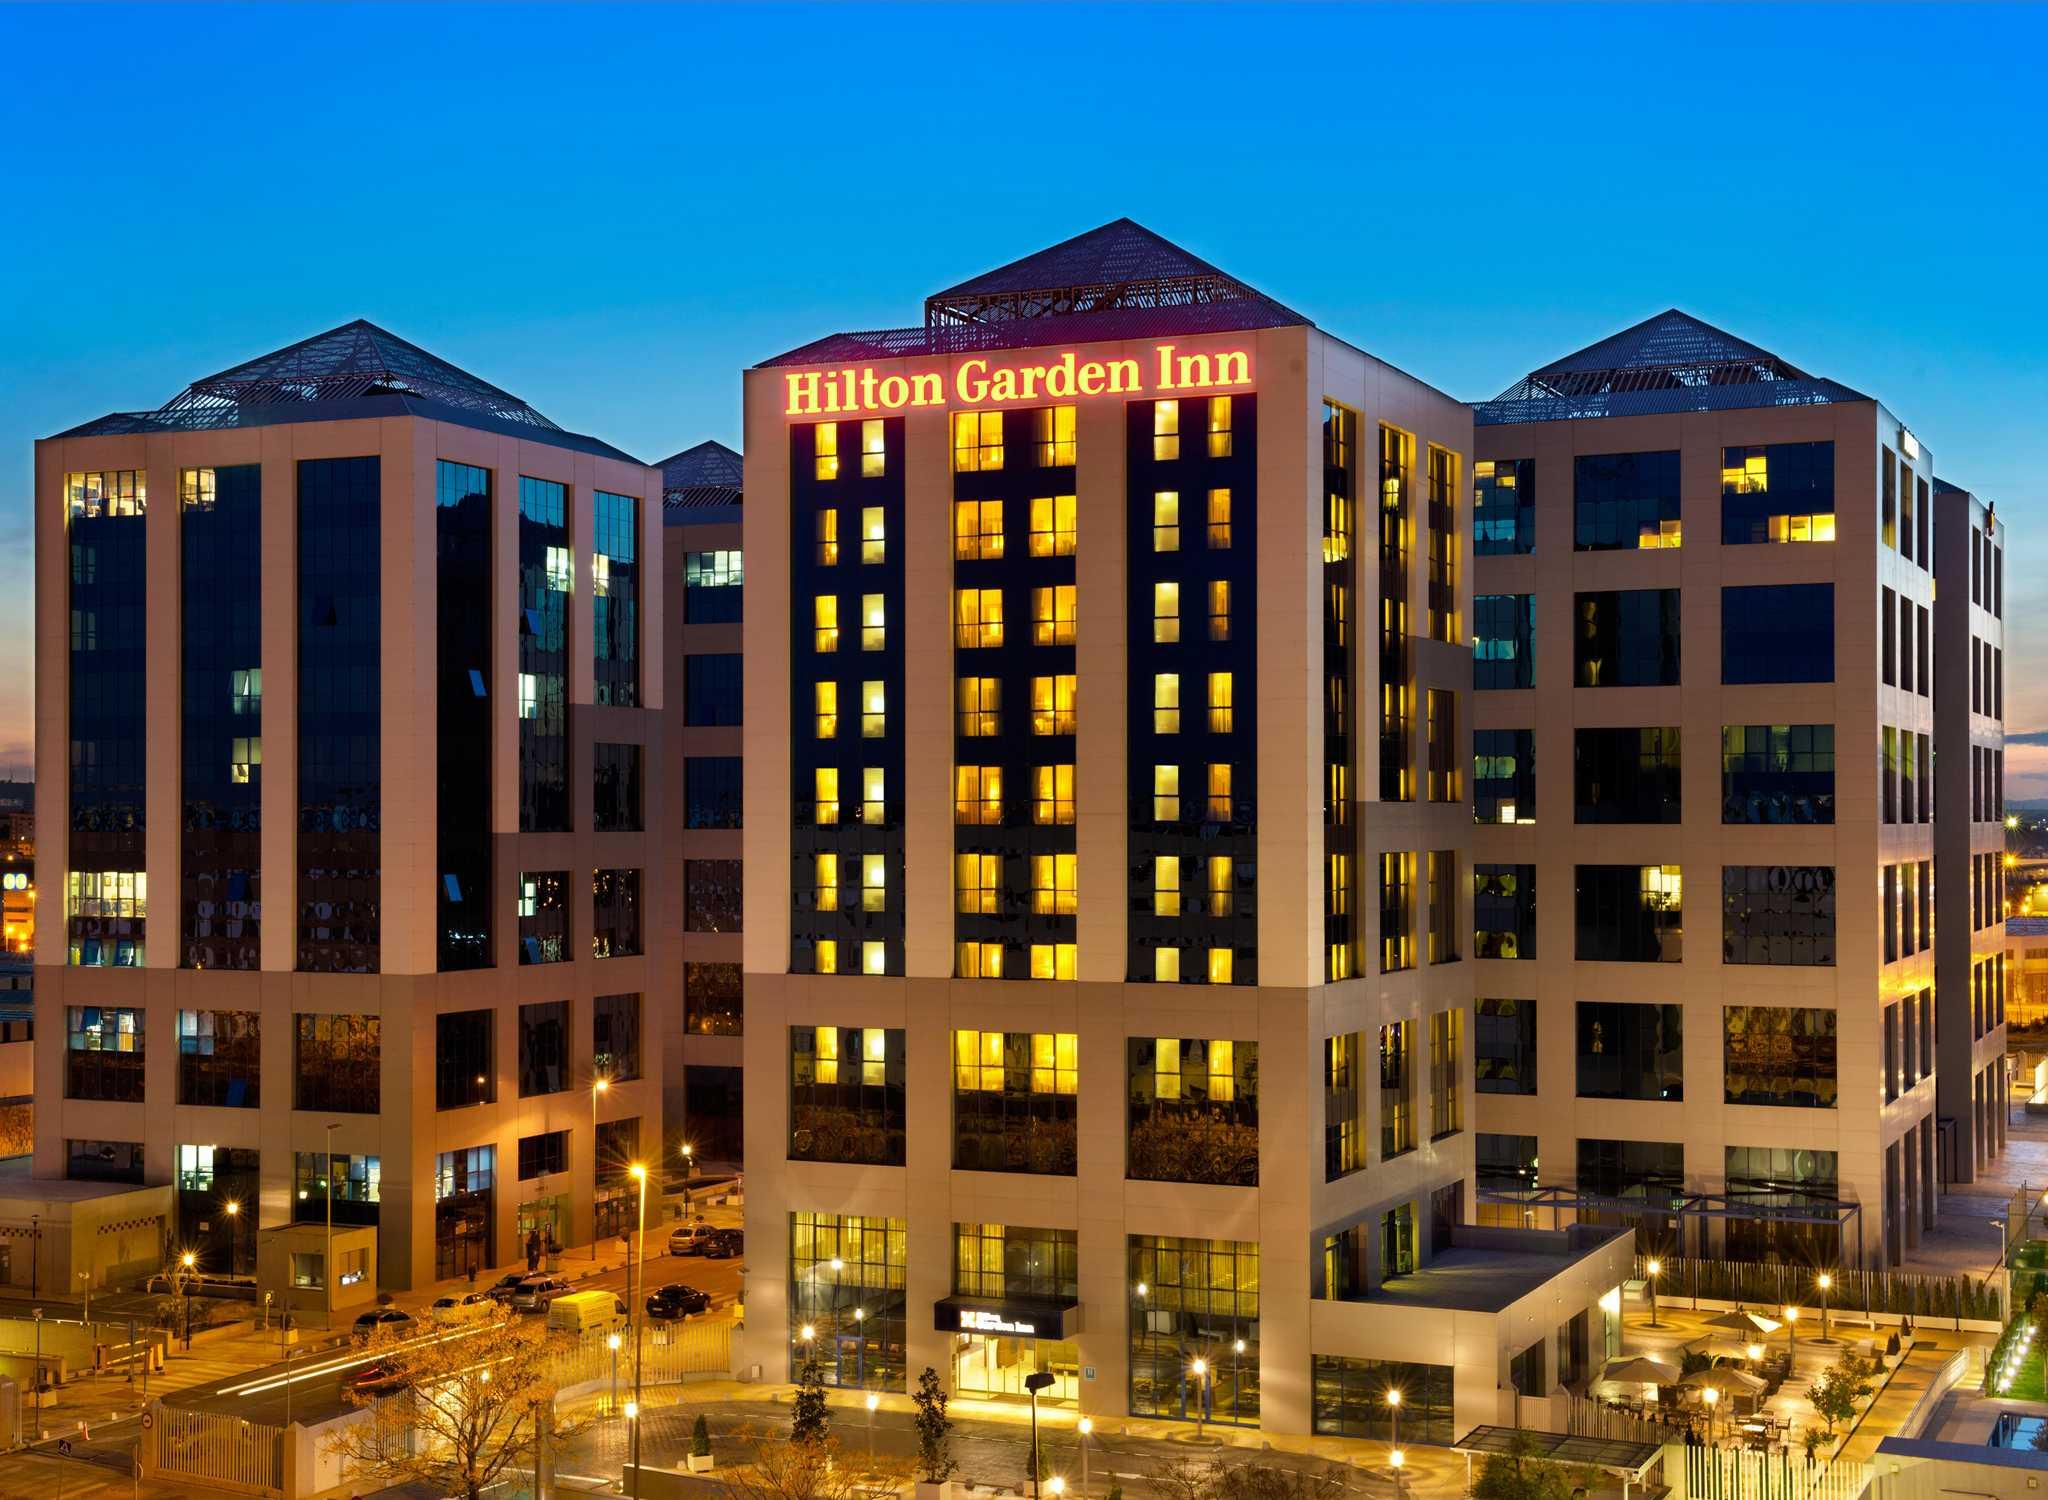 Hoteles En Espa A Barcelona Madrid Mallorca Hilton